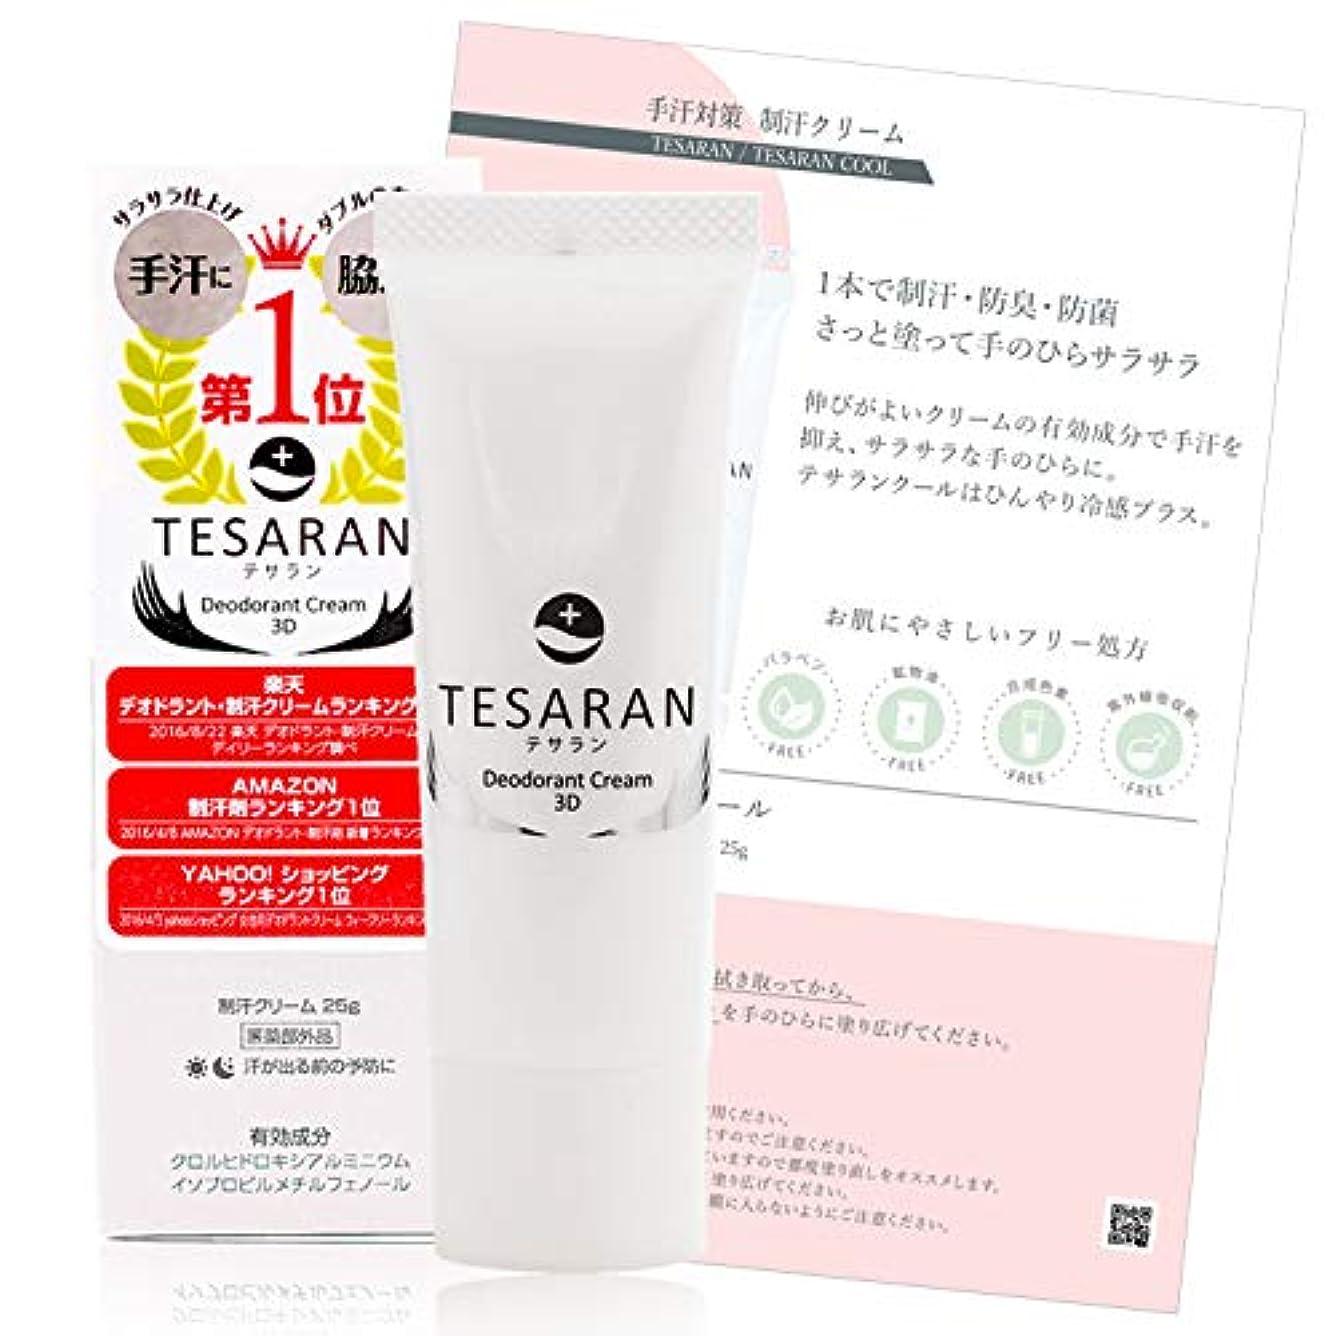 ご近所スクラップ錫テサラン 手汗止めクリーム 手汗 対策専用 制汗剤 デオドラント( 日本製/医薬部外品 )